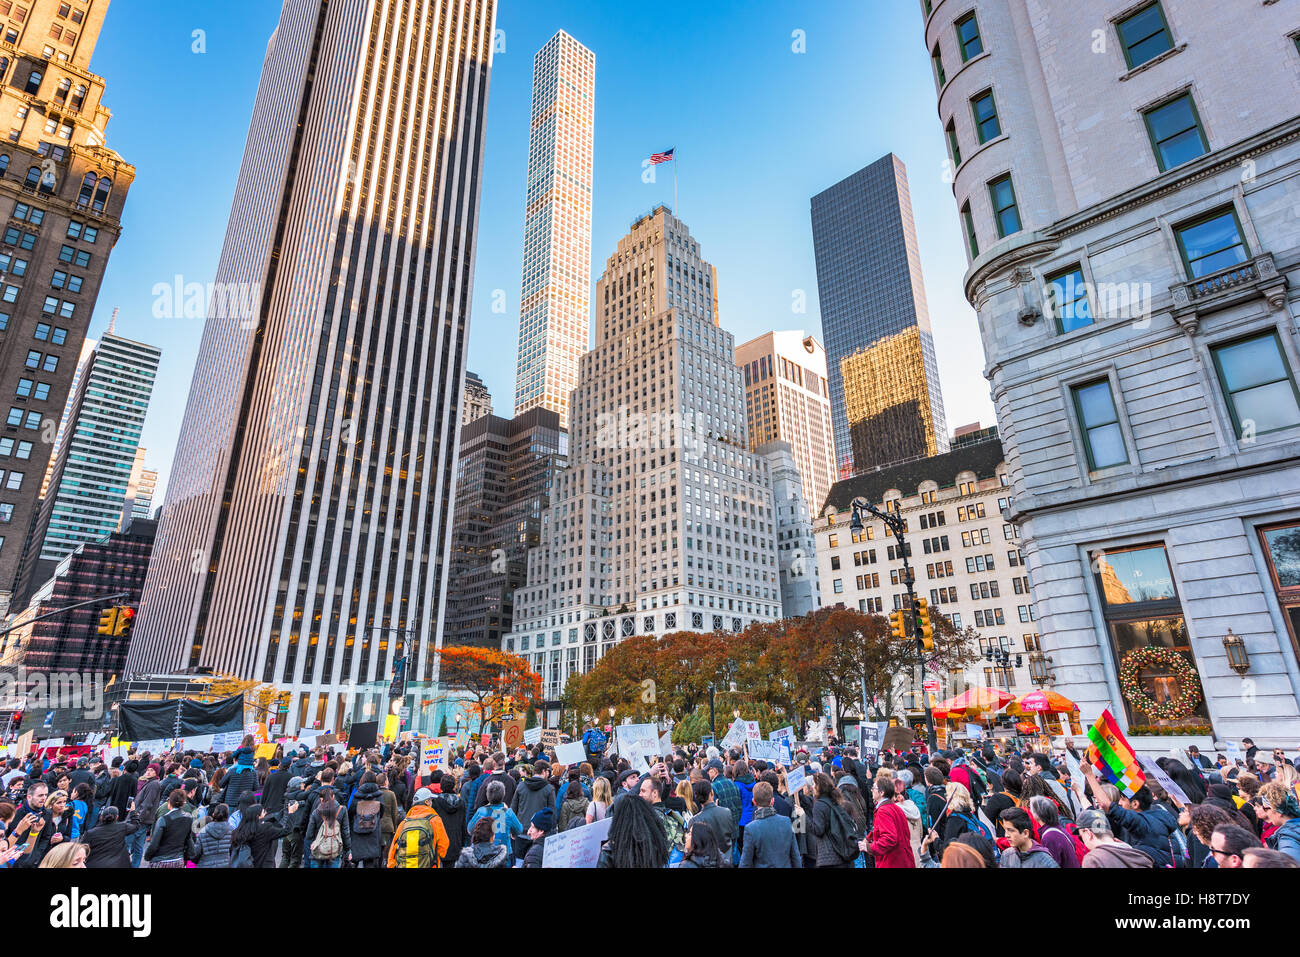 La CIUDAD DE NUEVA YORK - Noviembre 13, 2016: Las multitudes en 5th Avenue marcha hacia la Torre Trump, para protestar Imagen De Stock